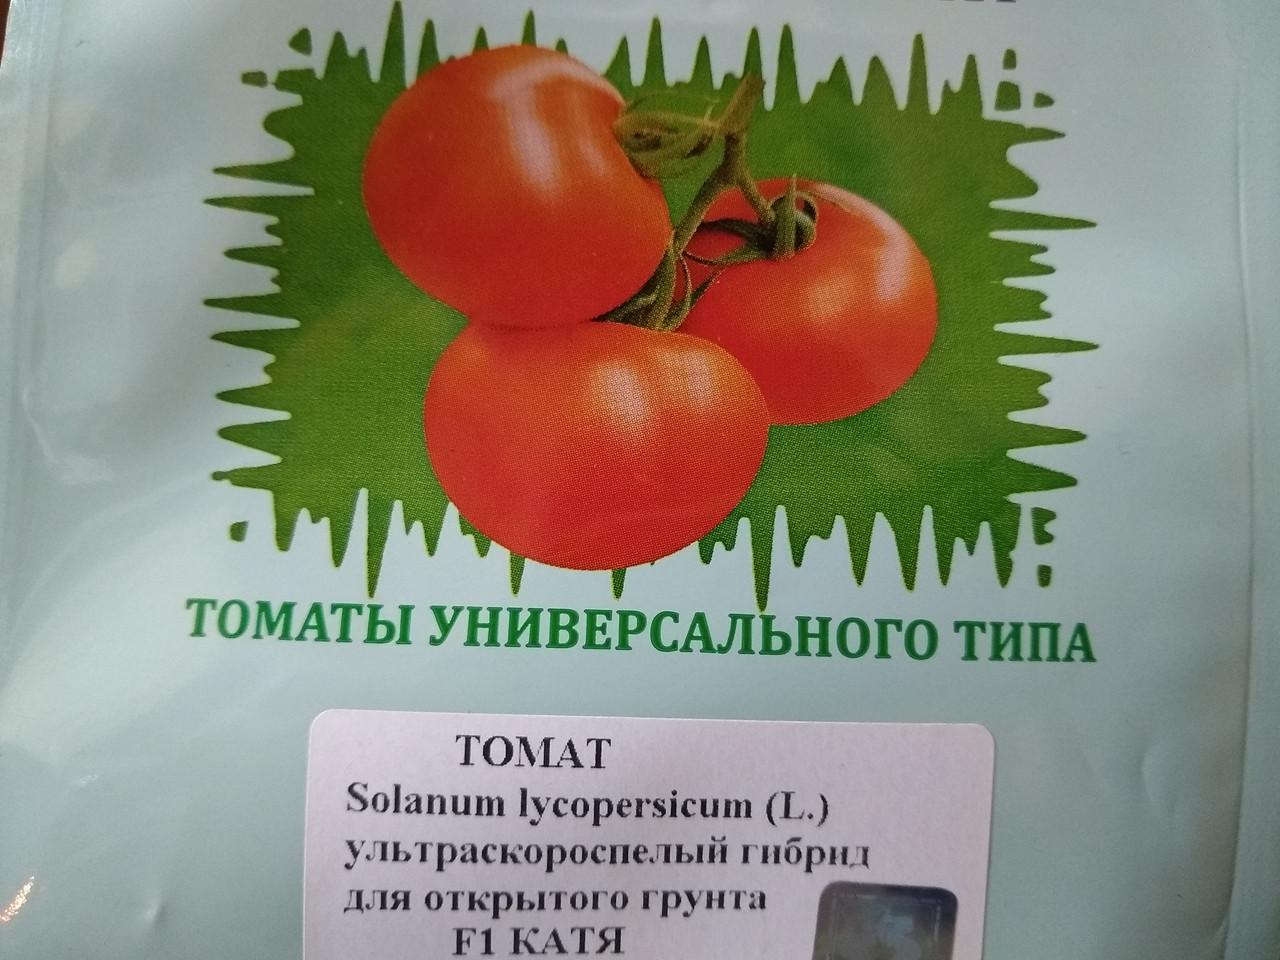 Семена Томат гибрид ранний круглый красный F1  Катя 20 семян  подходит для теплиц и открытого грунта Семко